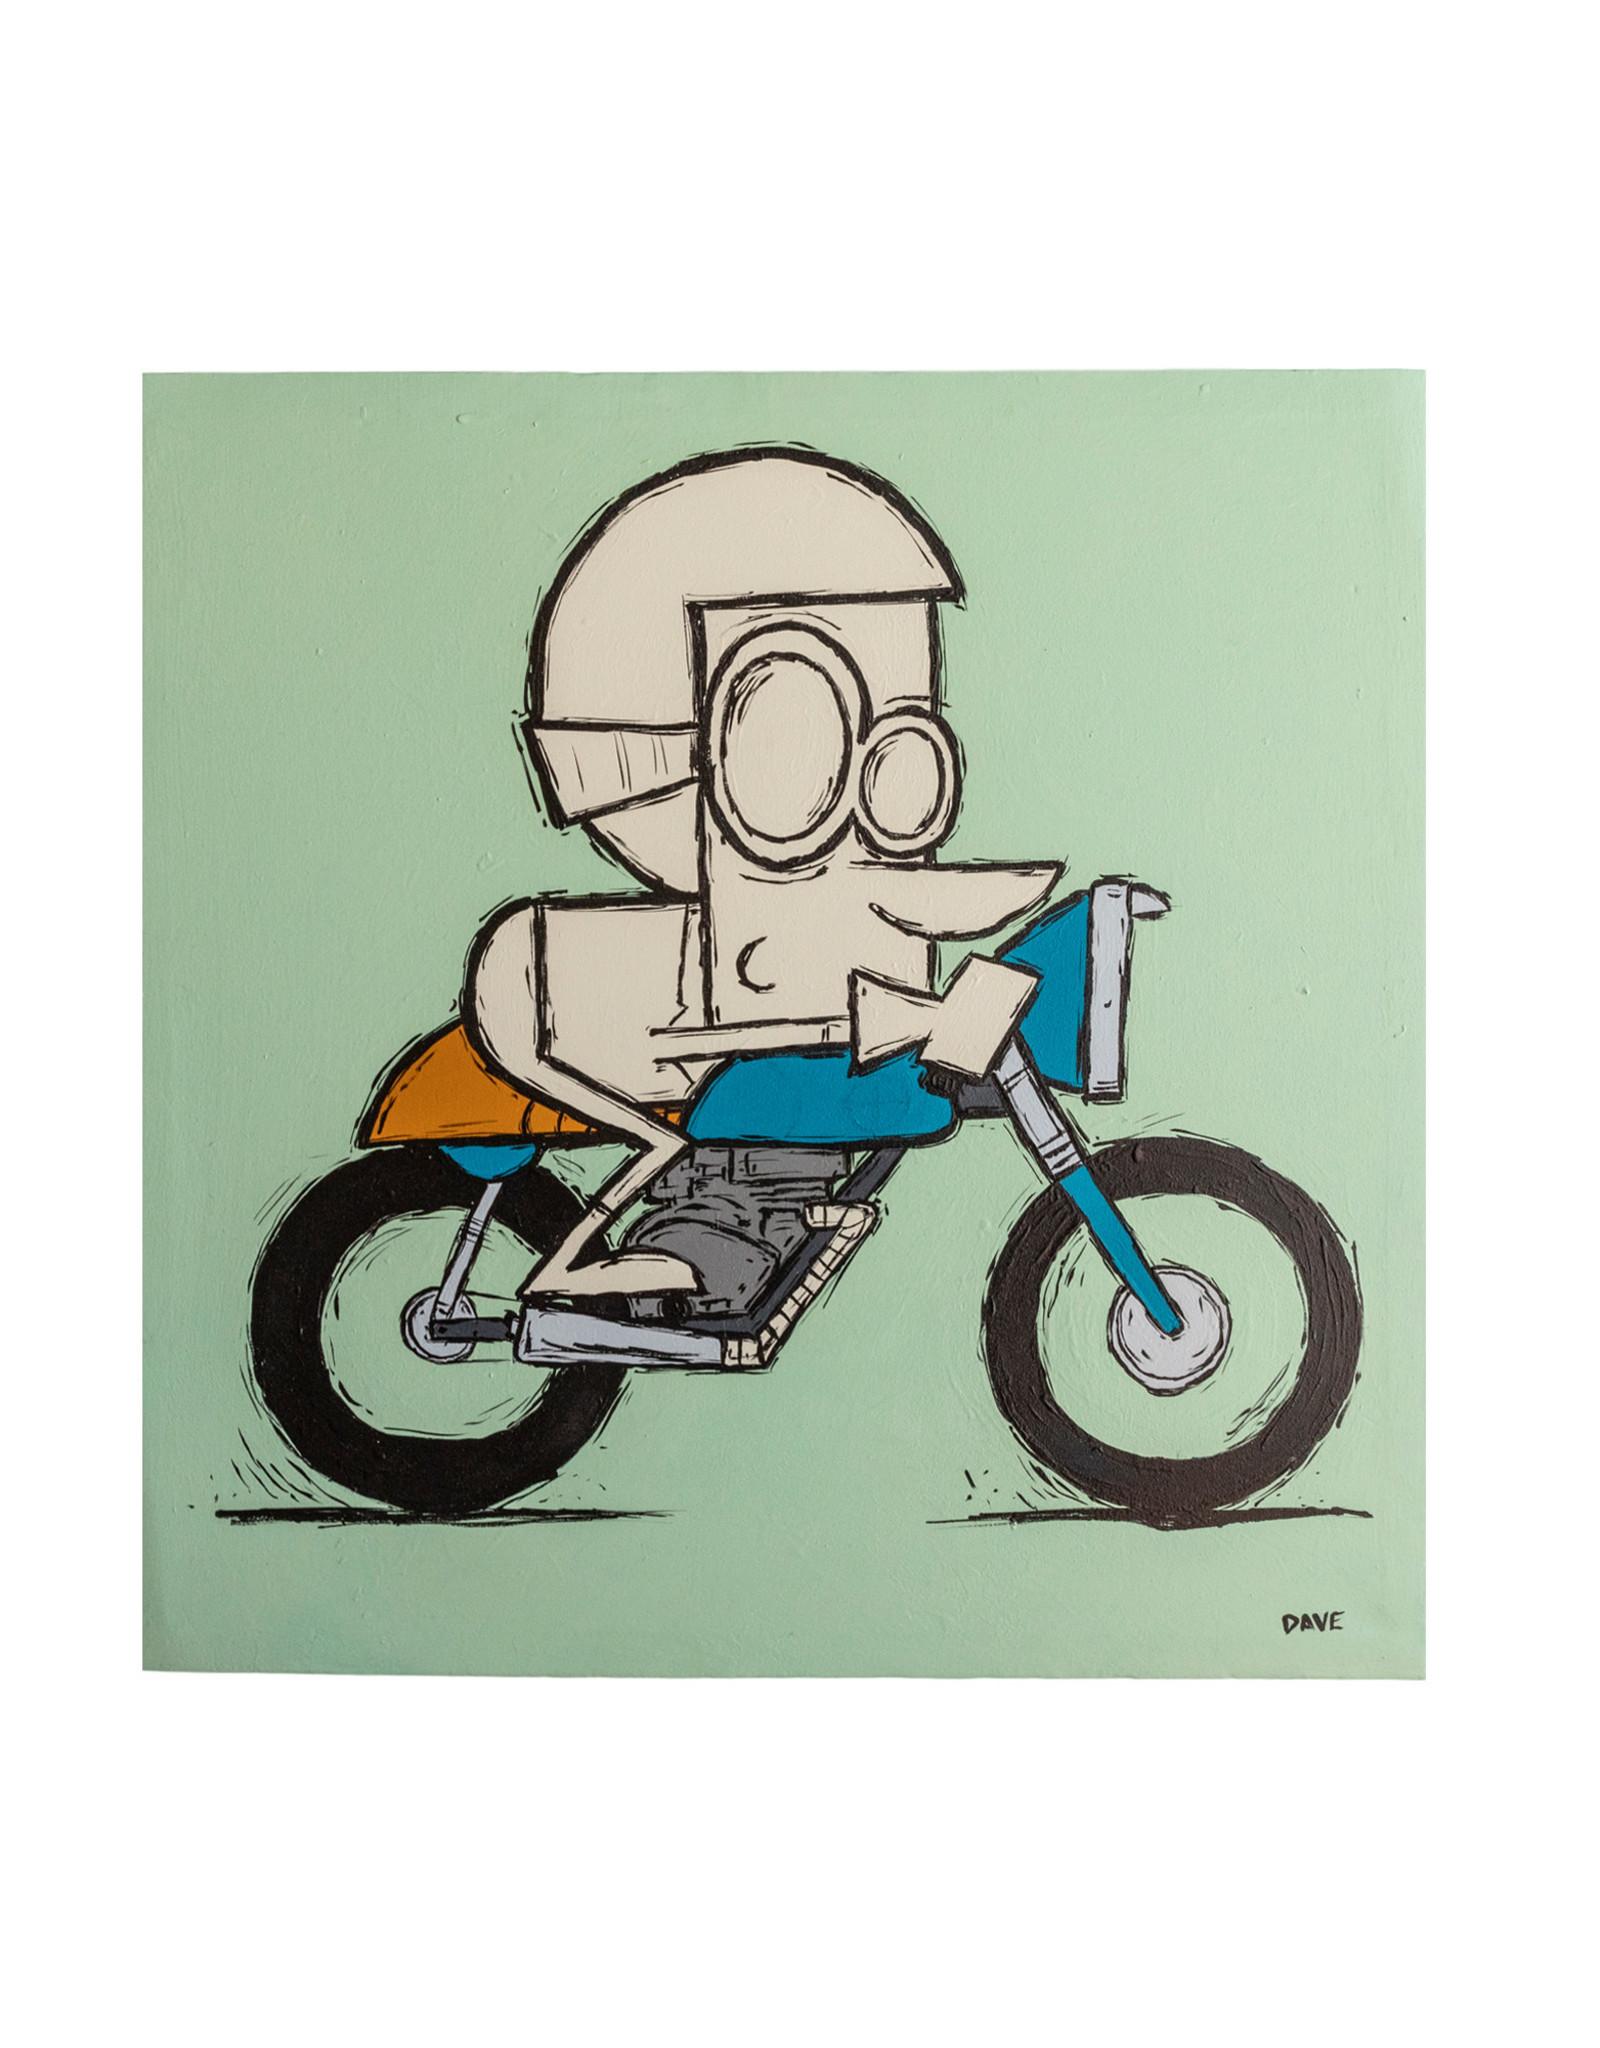 Dave Palmer Dave Palmer Original Artwork Cafe Racer 20x20